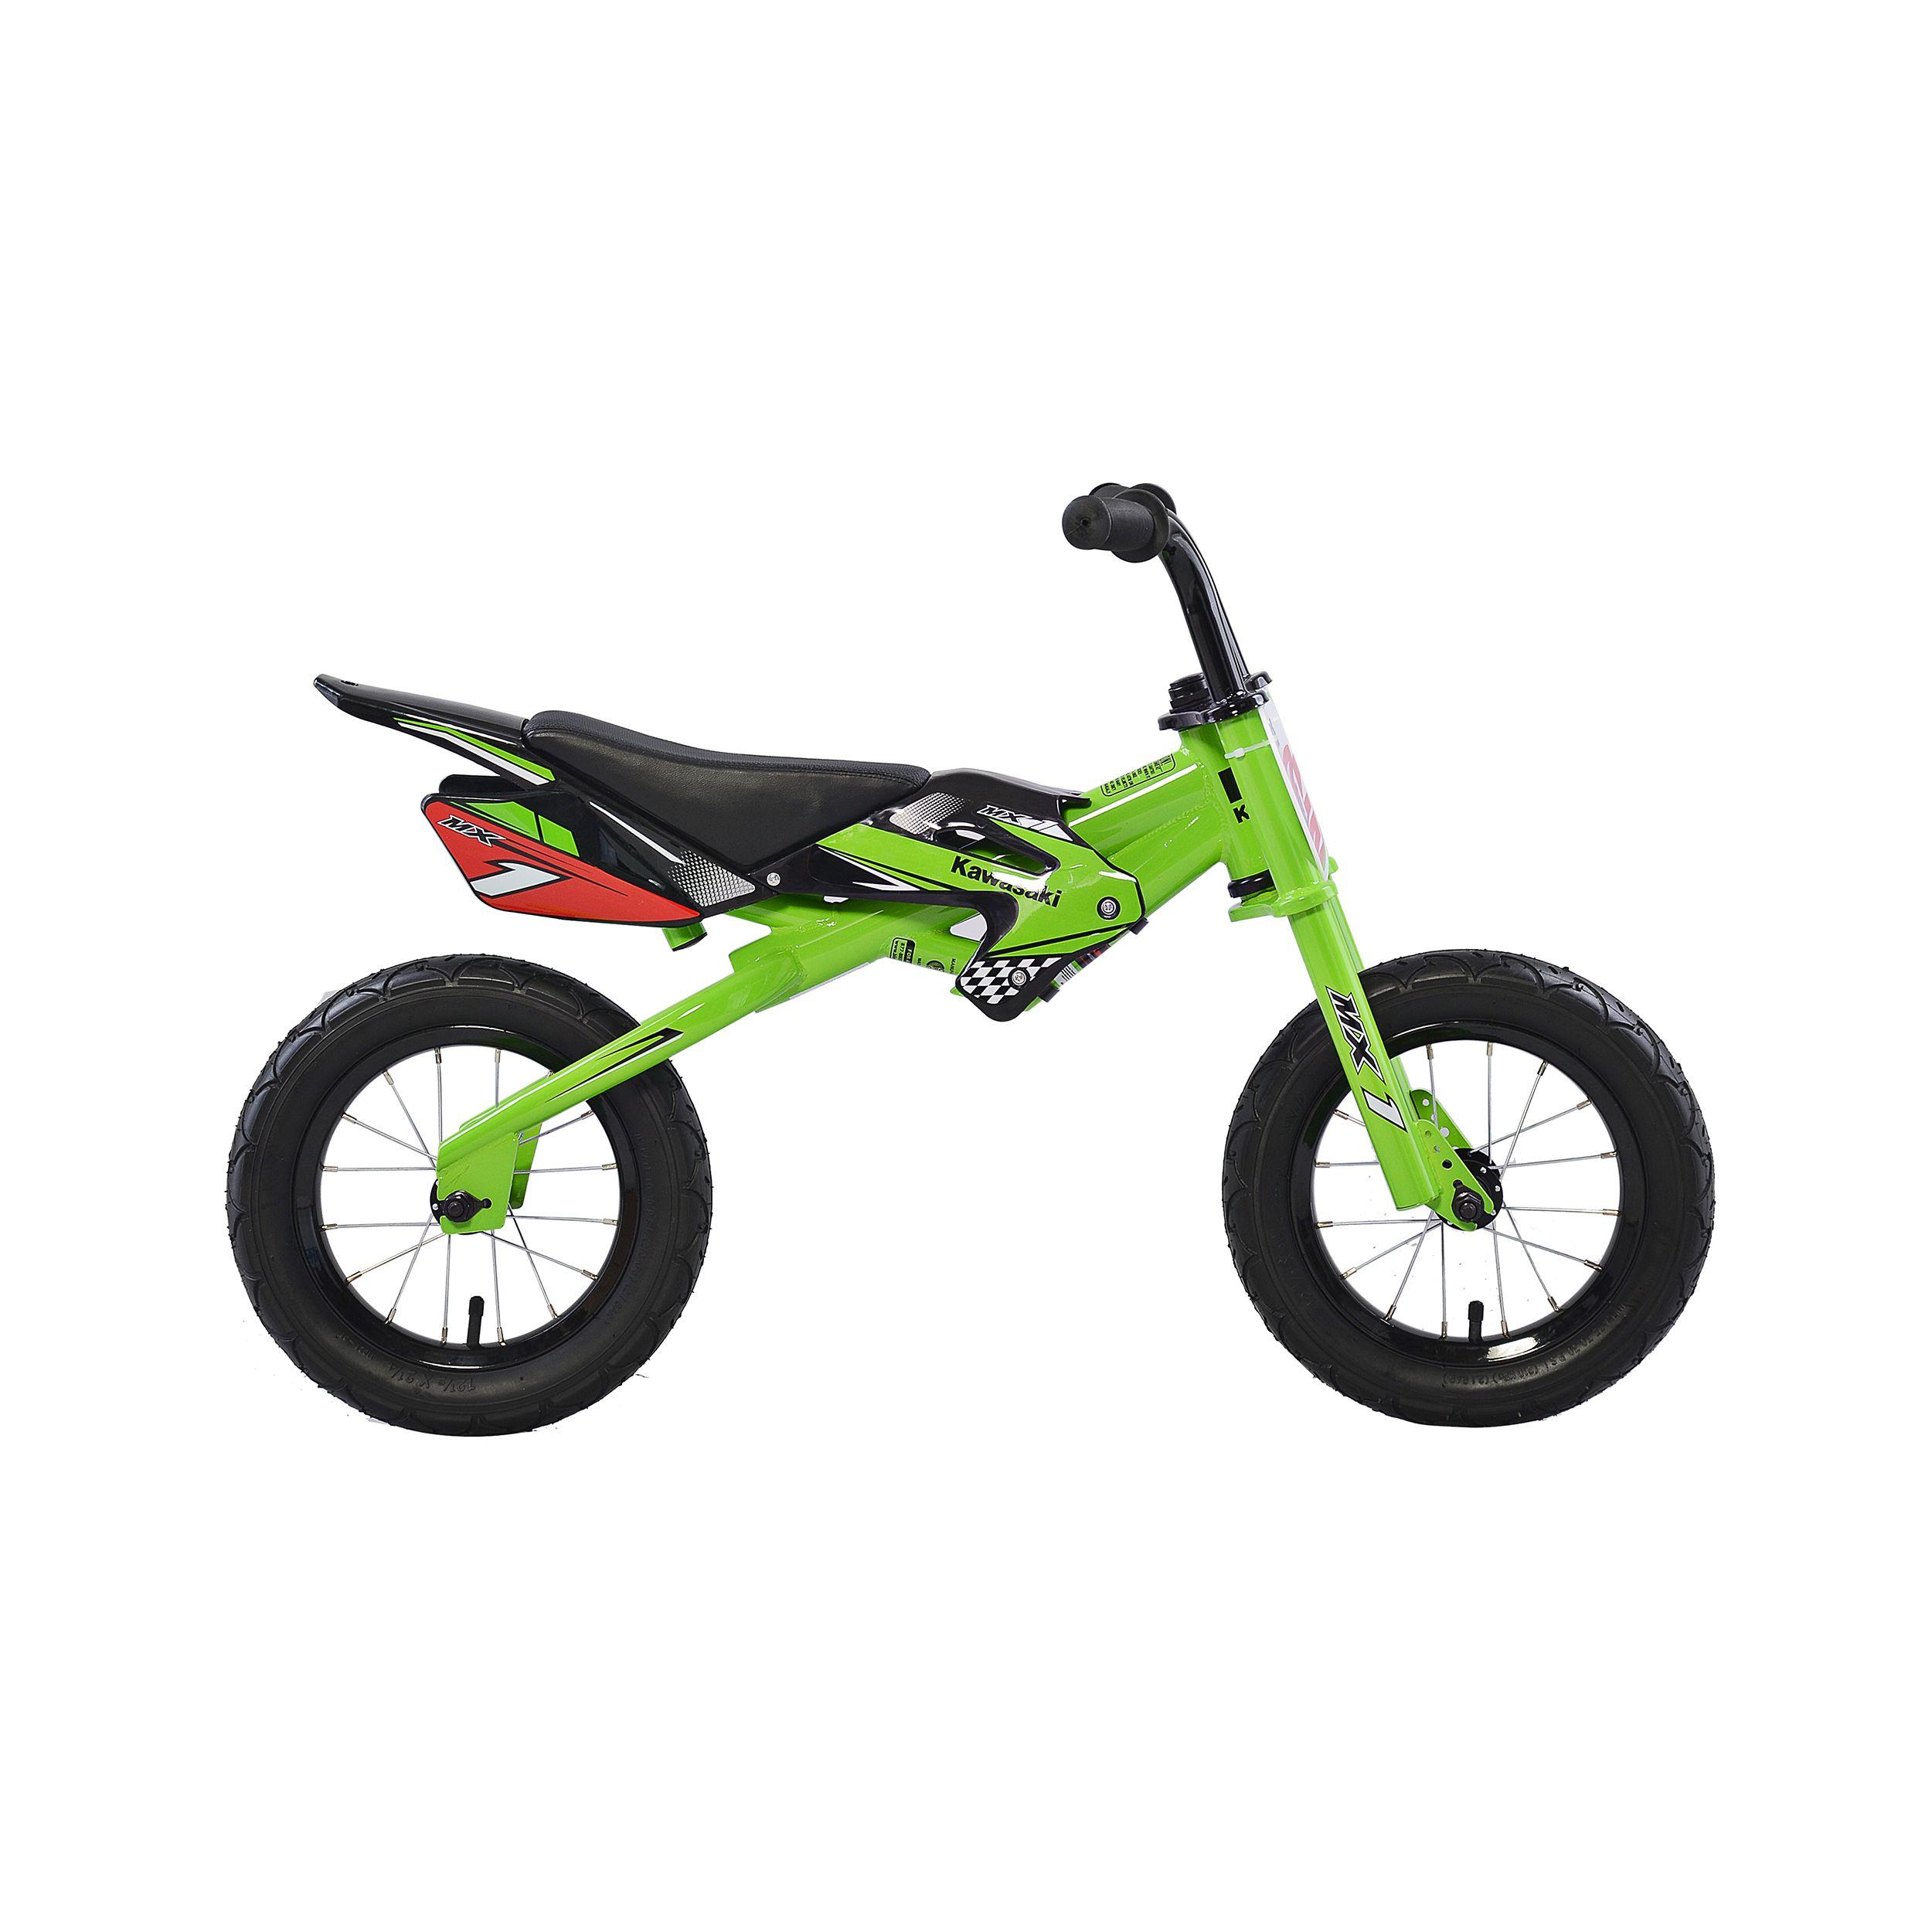 Kawasakia Mx1 Running Balance Bicycle 12 Inch Wheels Kid S